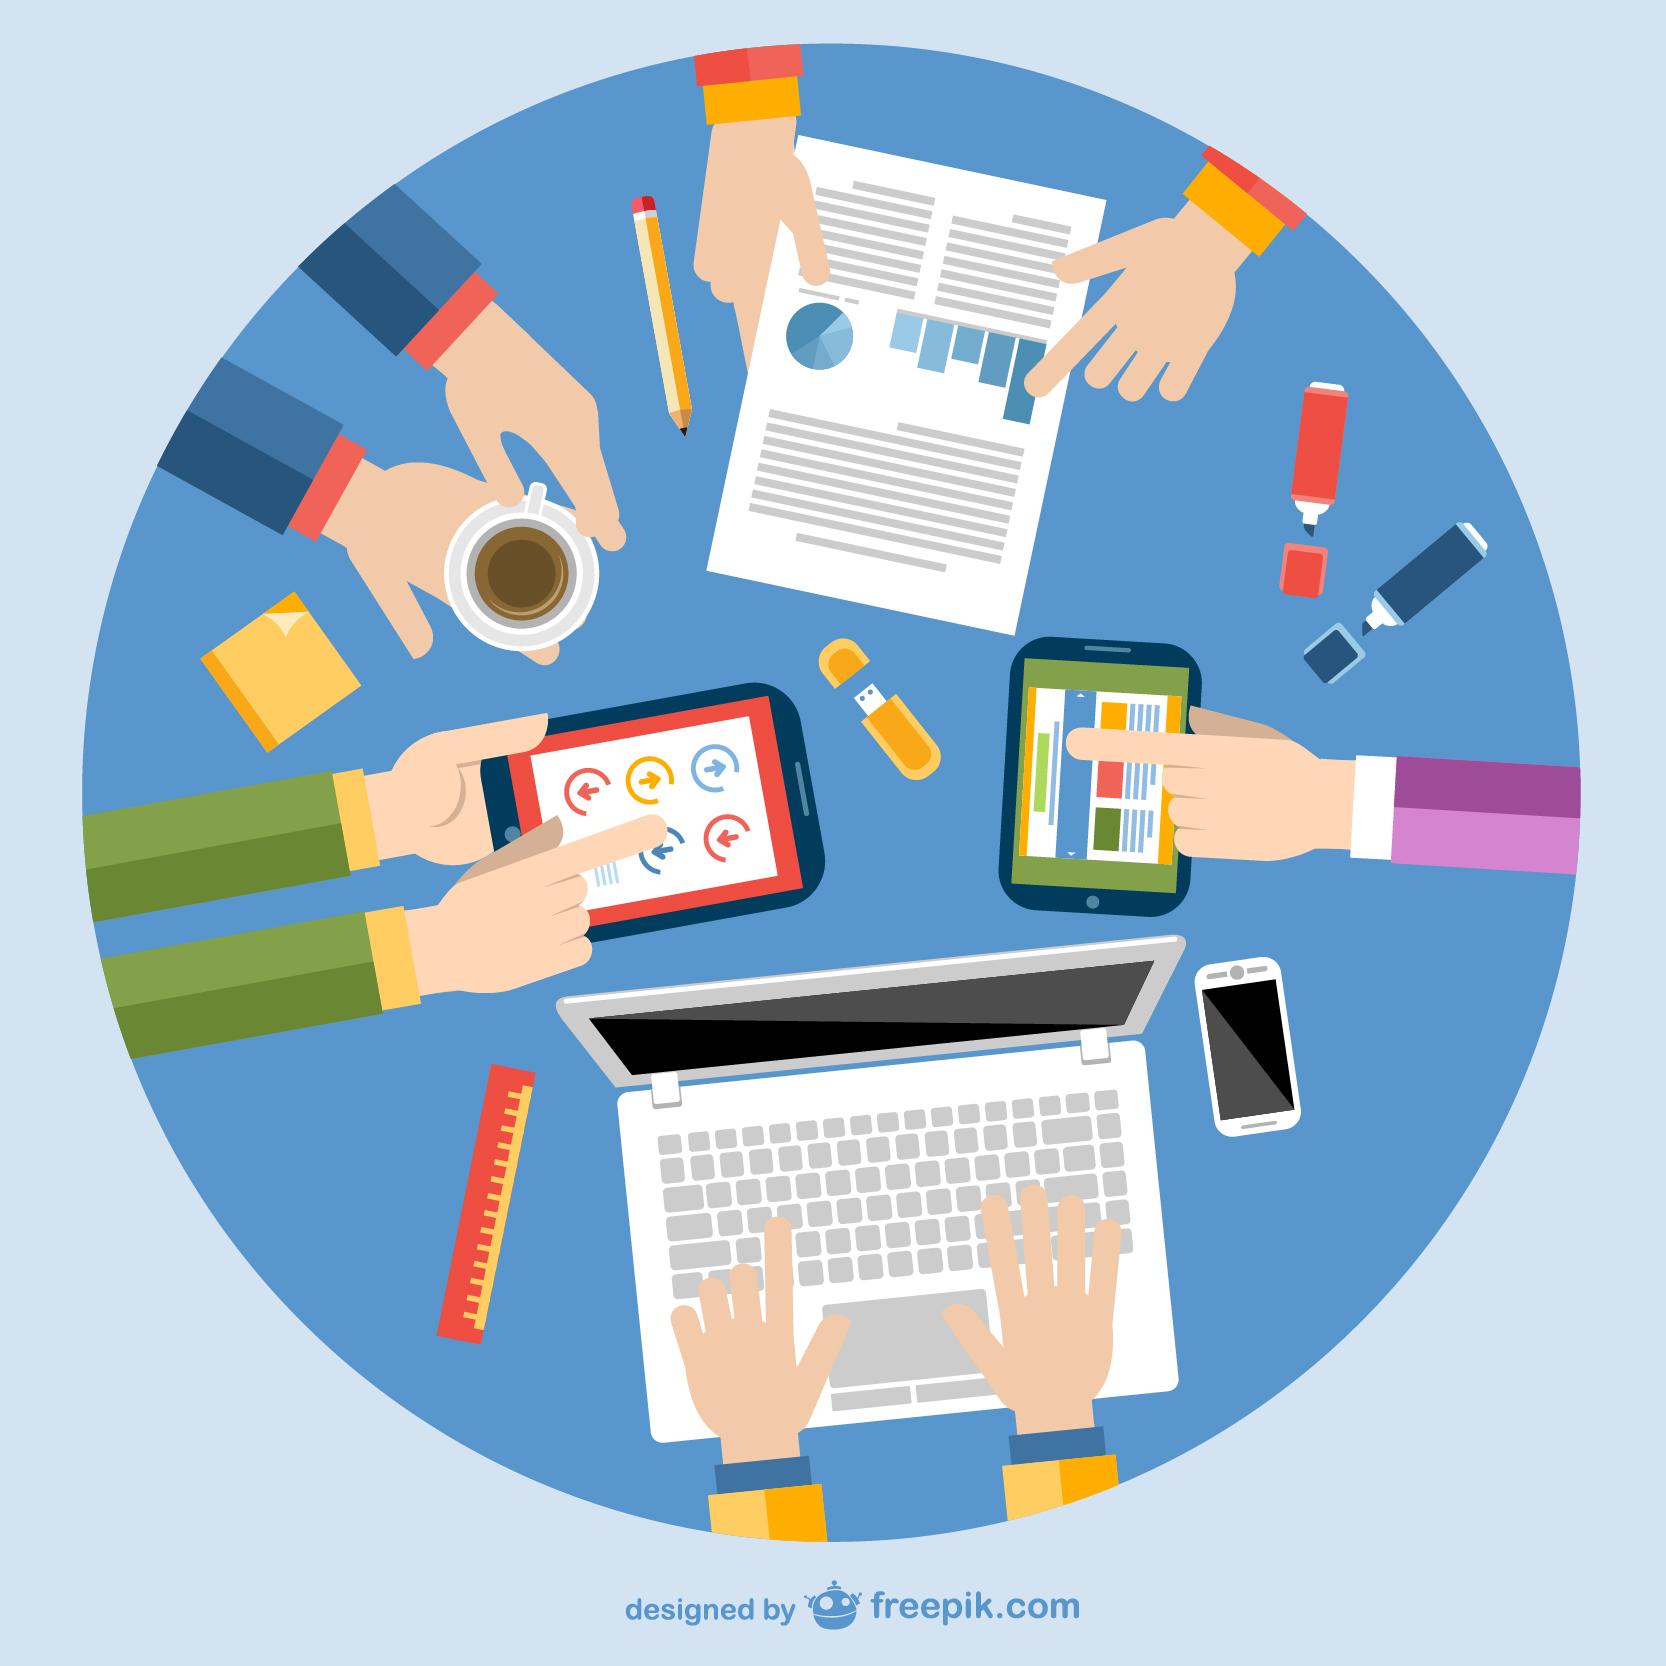 основные концепции операционных систем